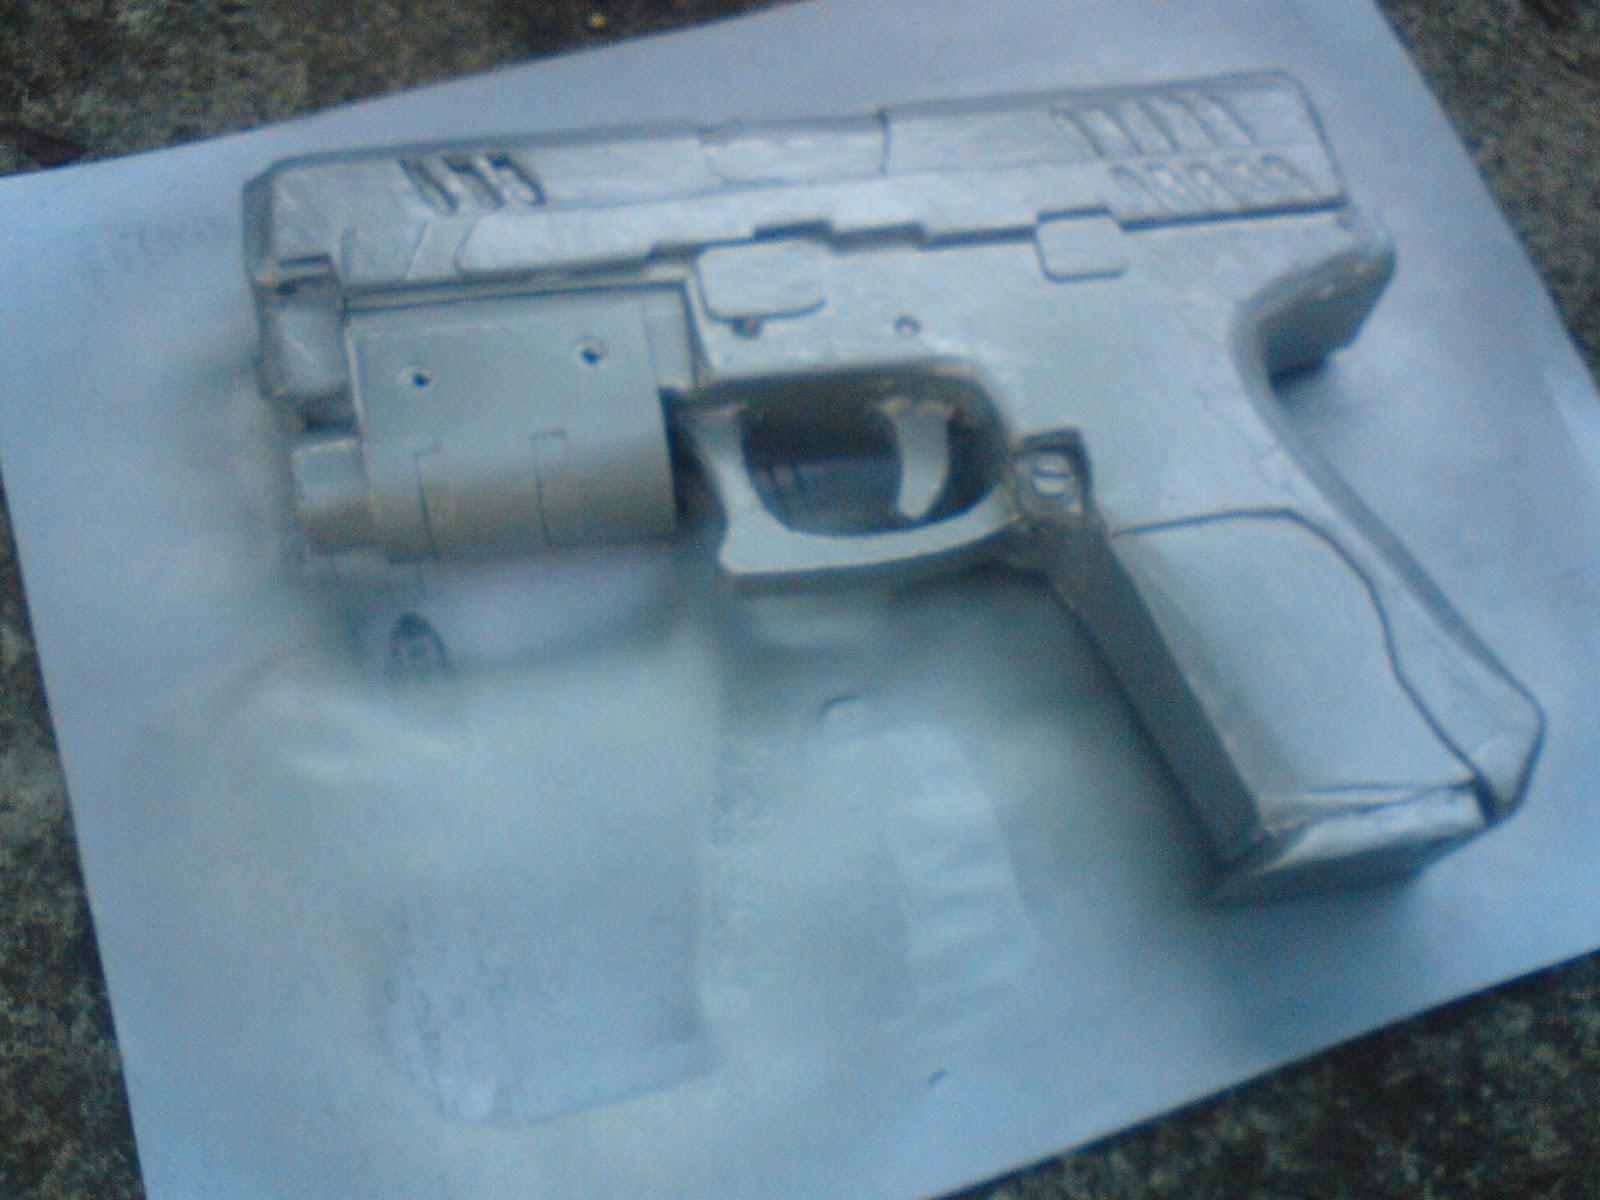 Pistola Blacktail - Resident Evil DSC04491